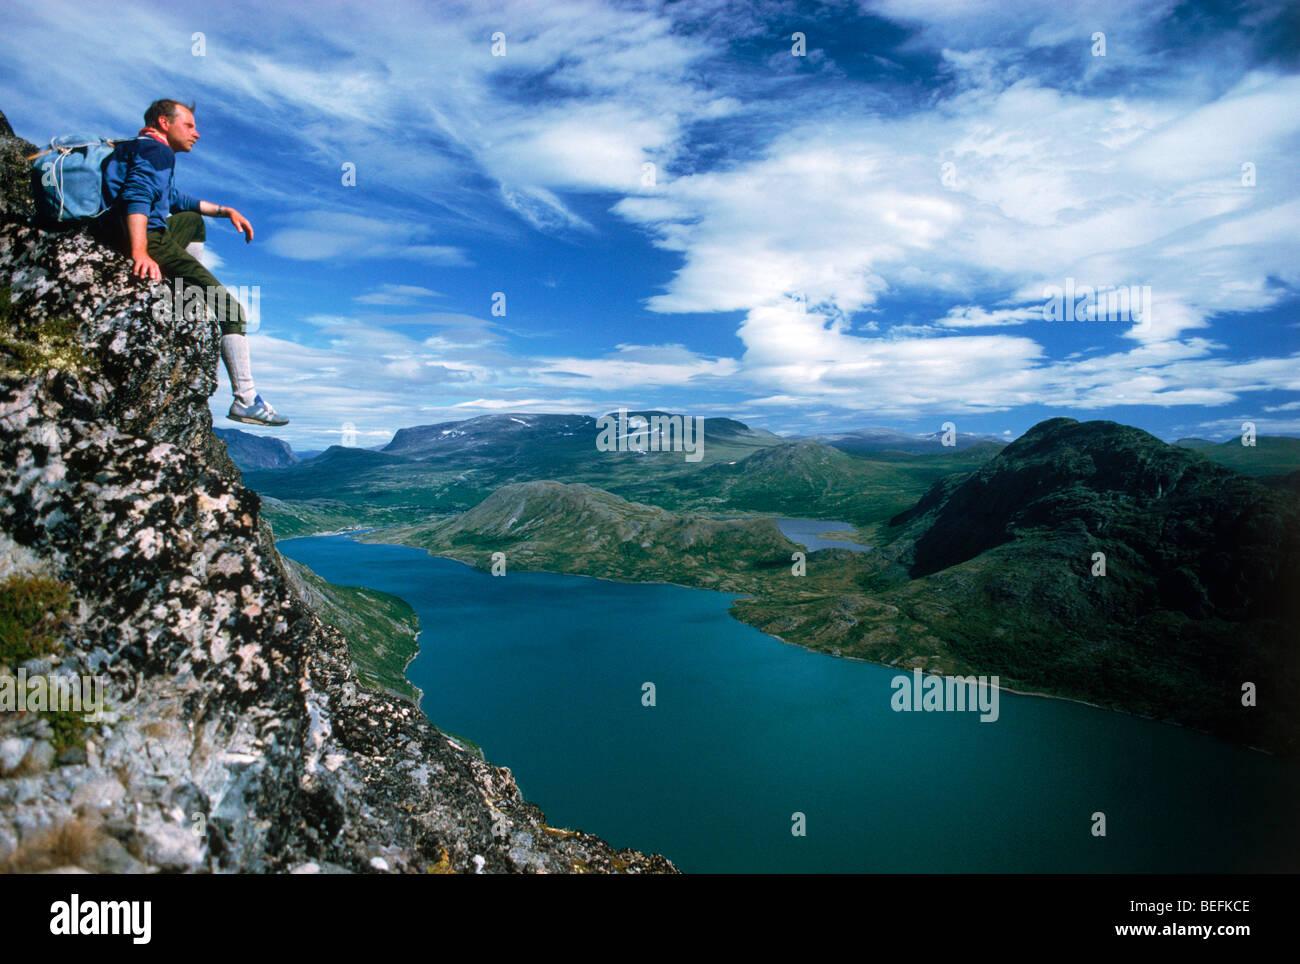 Hiker sitting above Gjende (or Gjendin) Lake in the Jotunheimen mountains in Norway's Jotunheimen National Park - Stock Image